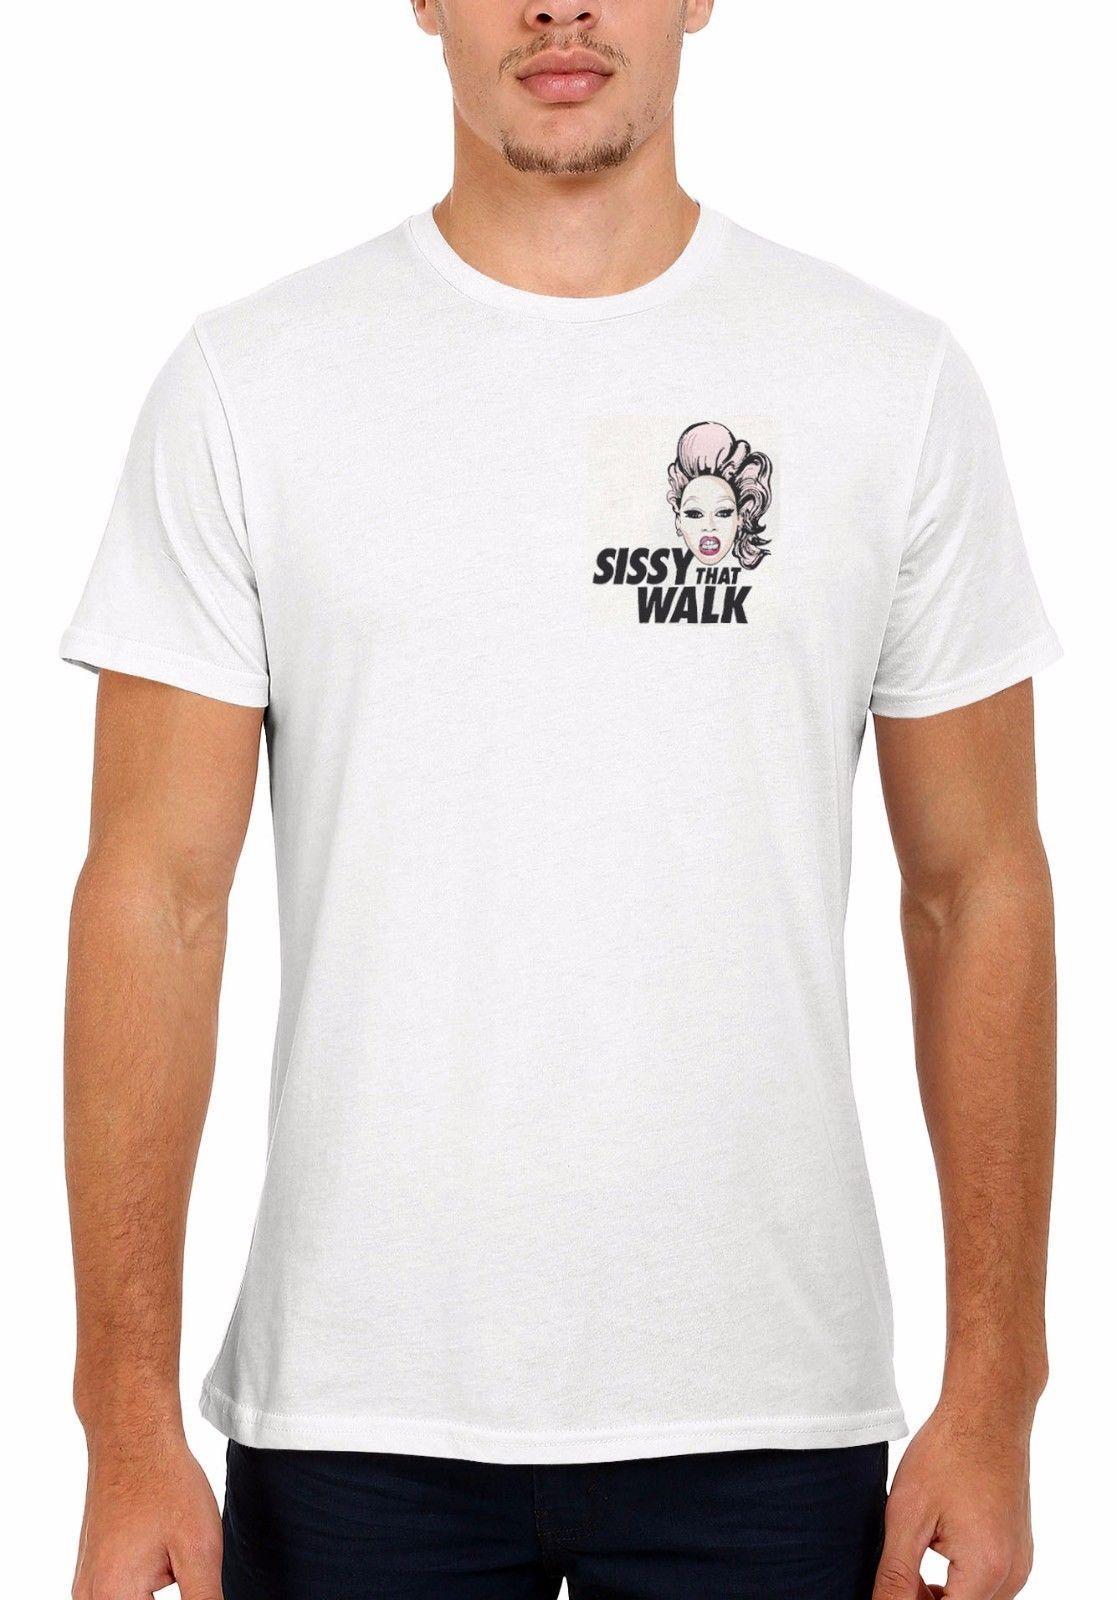 Rupaul Sissy Das Gehen Taschen-LGBT Männer Frauen Weste Unisex-T-Shirt 1976Cartoon T-Shirt Männer Unisex neue Art und Weise T-Shirt